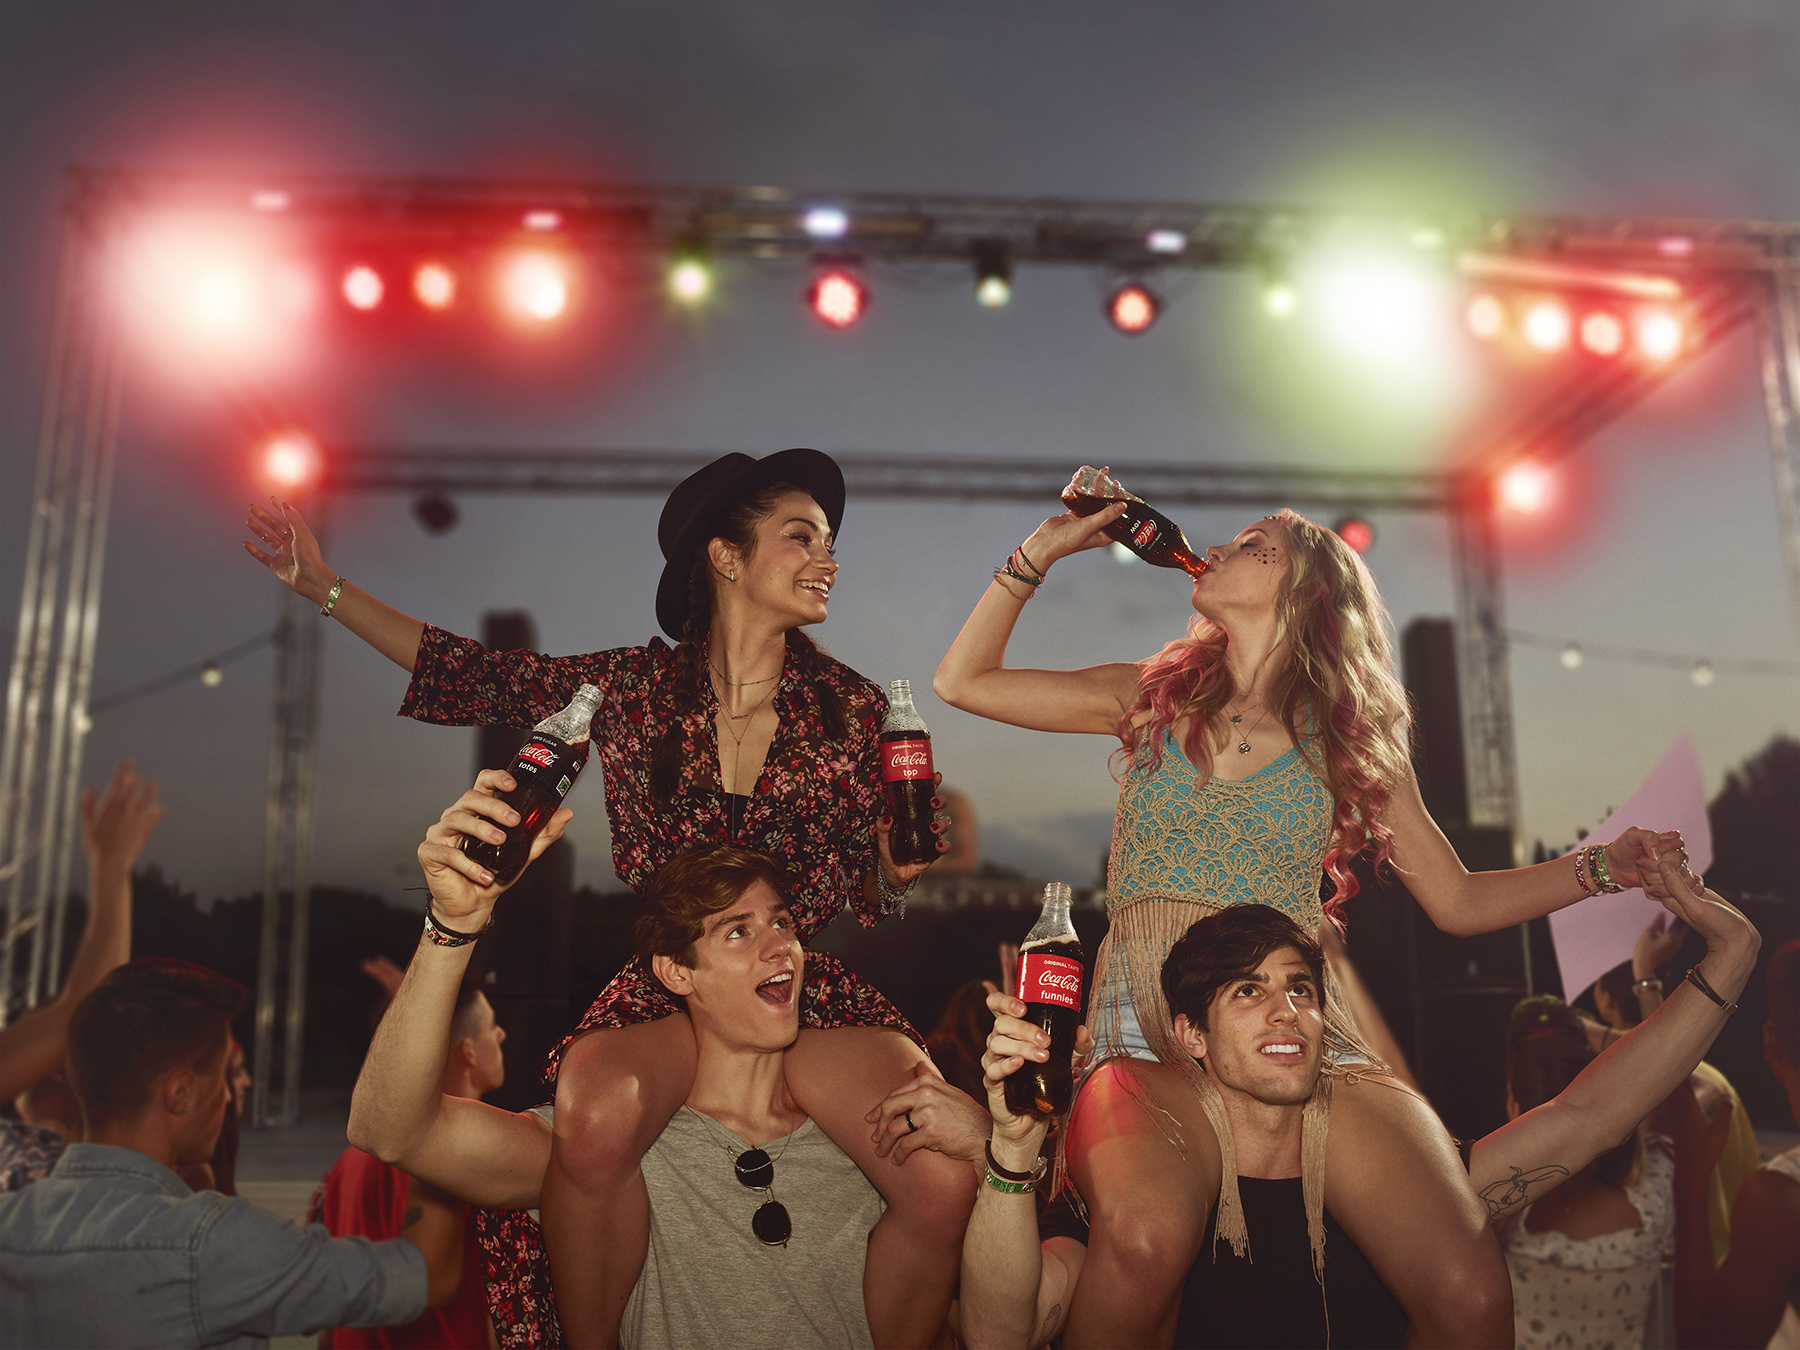 7914_Coke_Festival_Bottles_R2